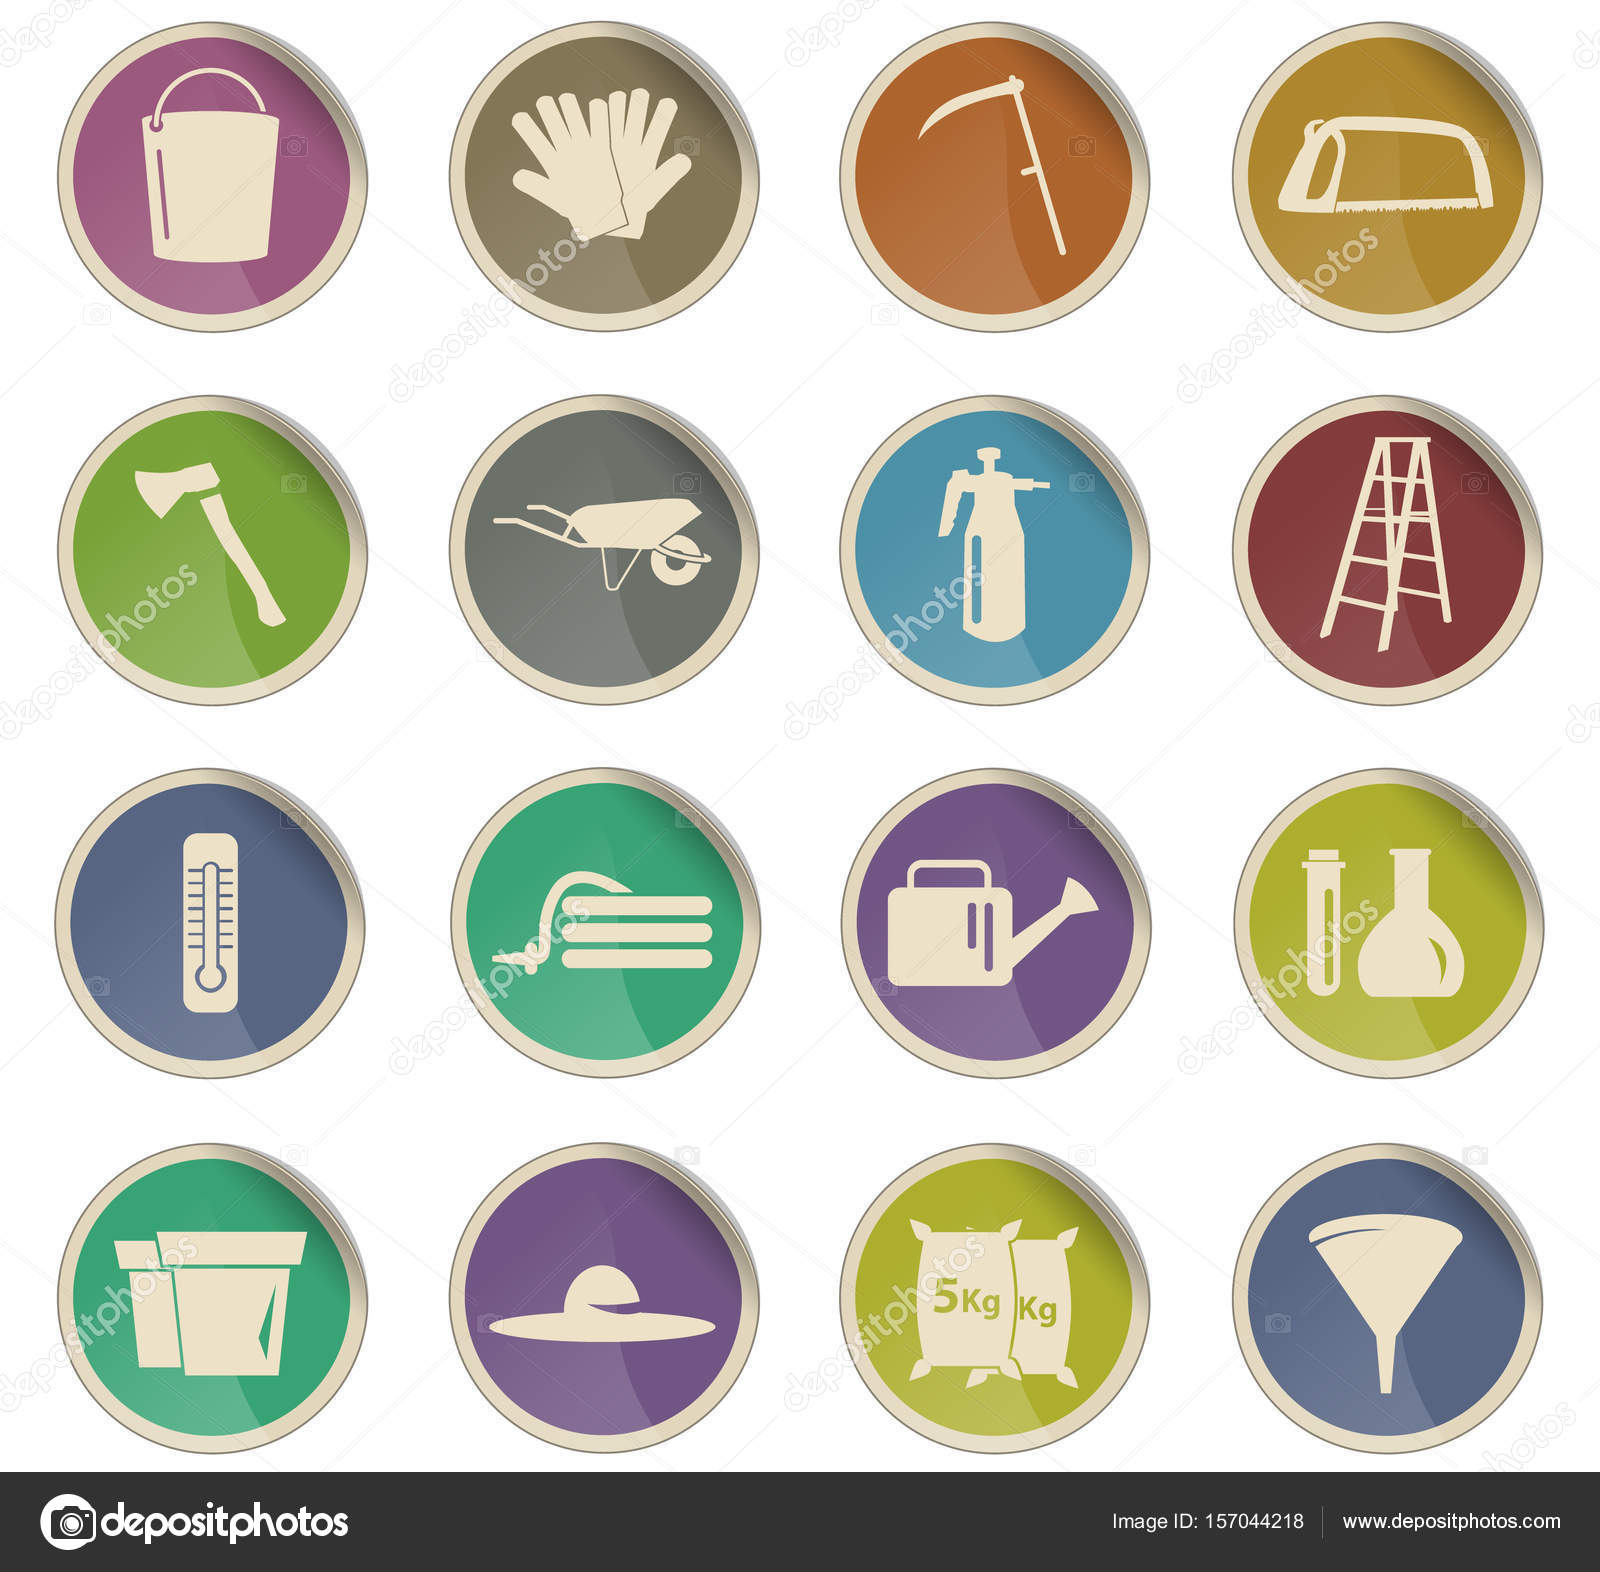 outils de jardin jeu d\'icônes — Image vectorielle ayax55 © #157044218